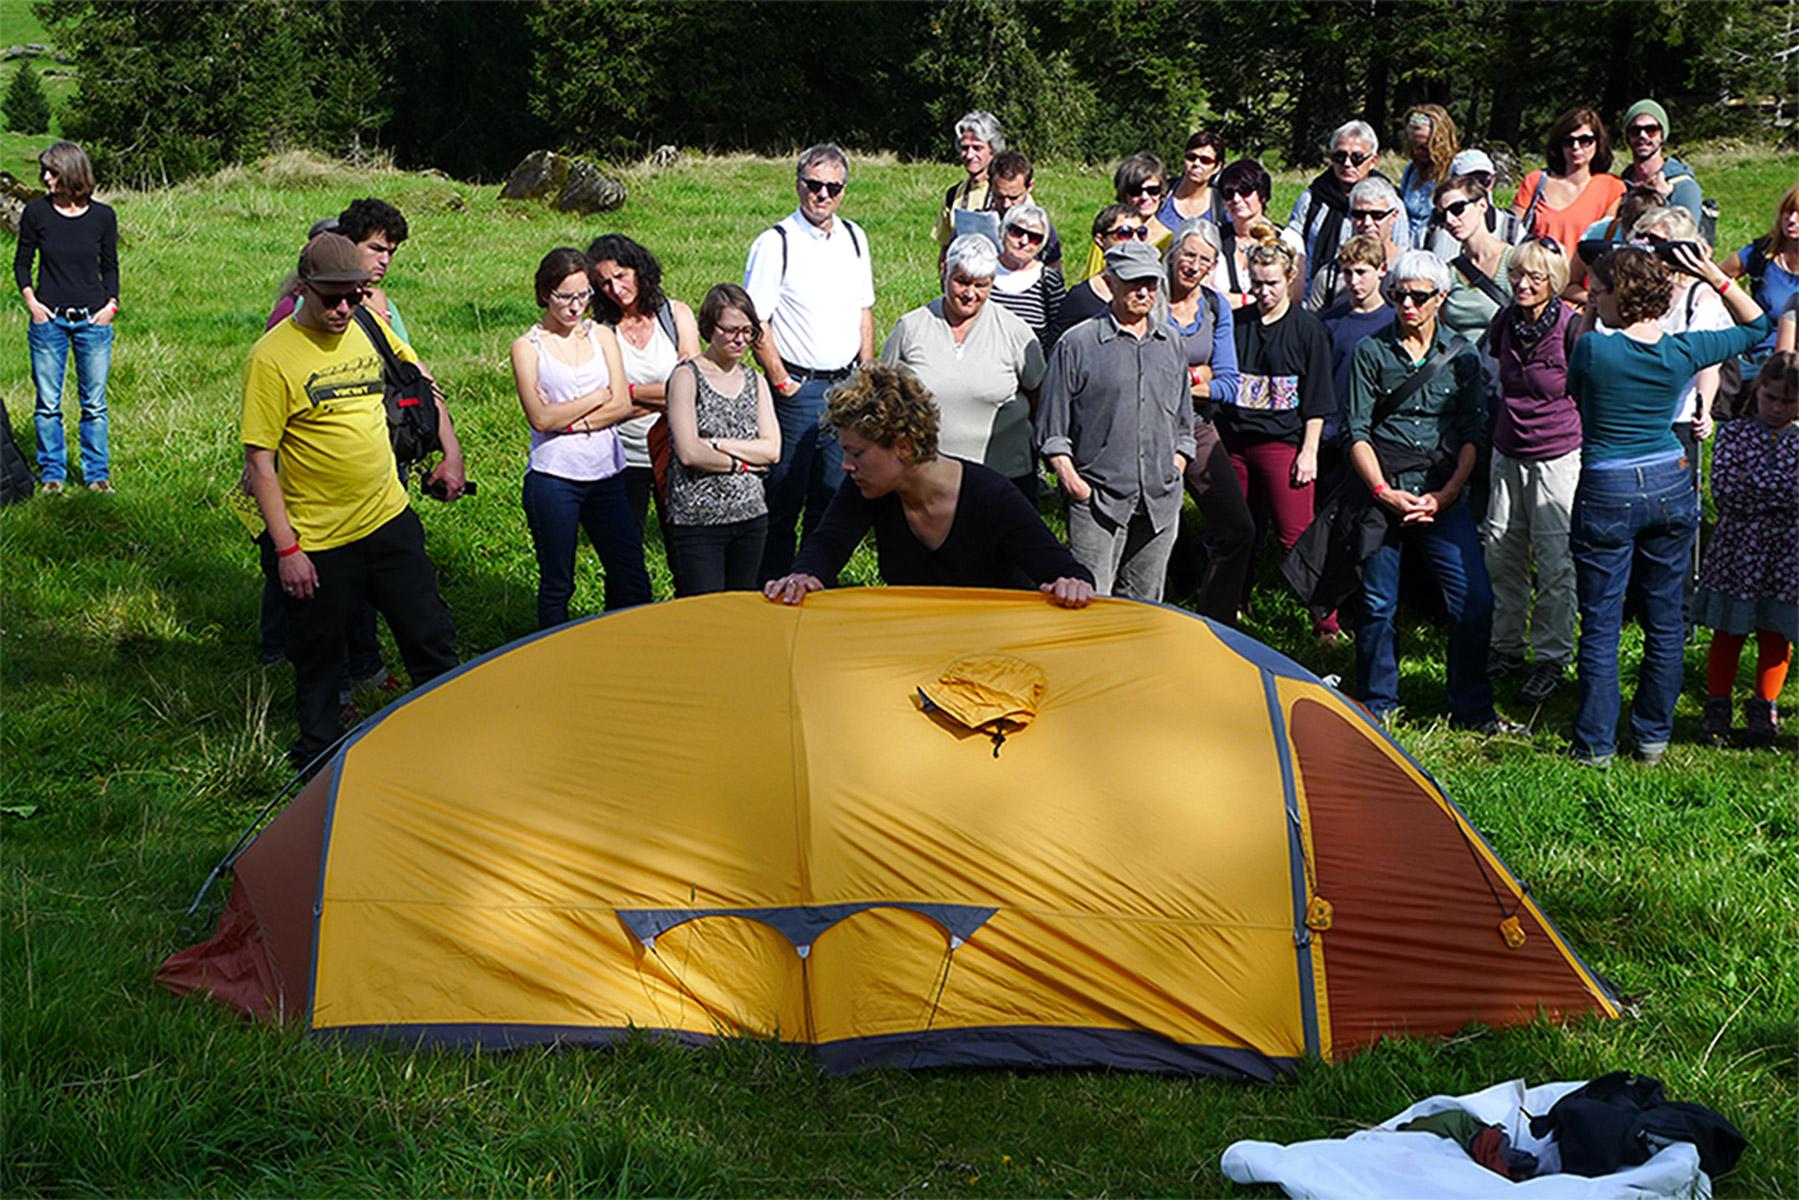 Während der Extremalpinist Olle Zille erzählt, warum für ihn Zelte als Schutzhüllen am Berg wichtig sind, baut Olivia ein solches Expeditionszelt auf; befühlt es.